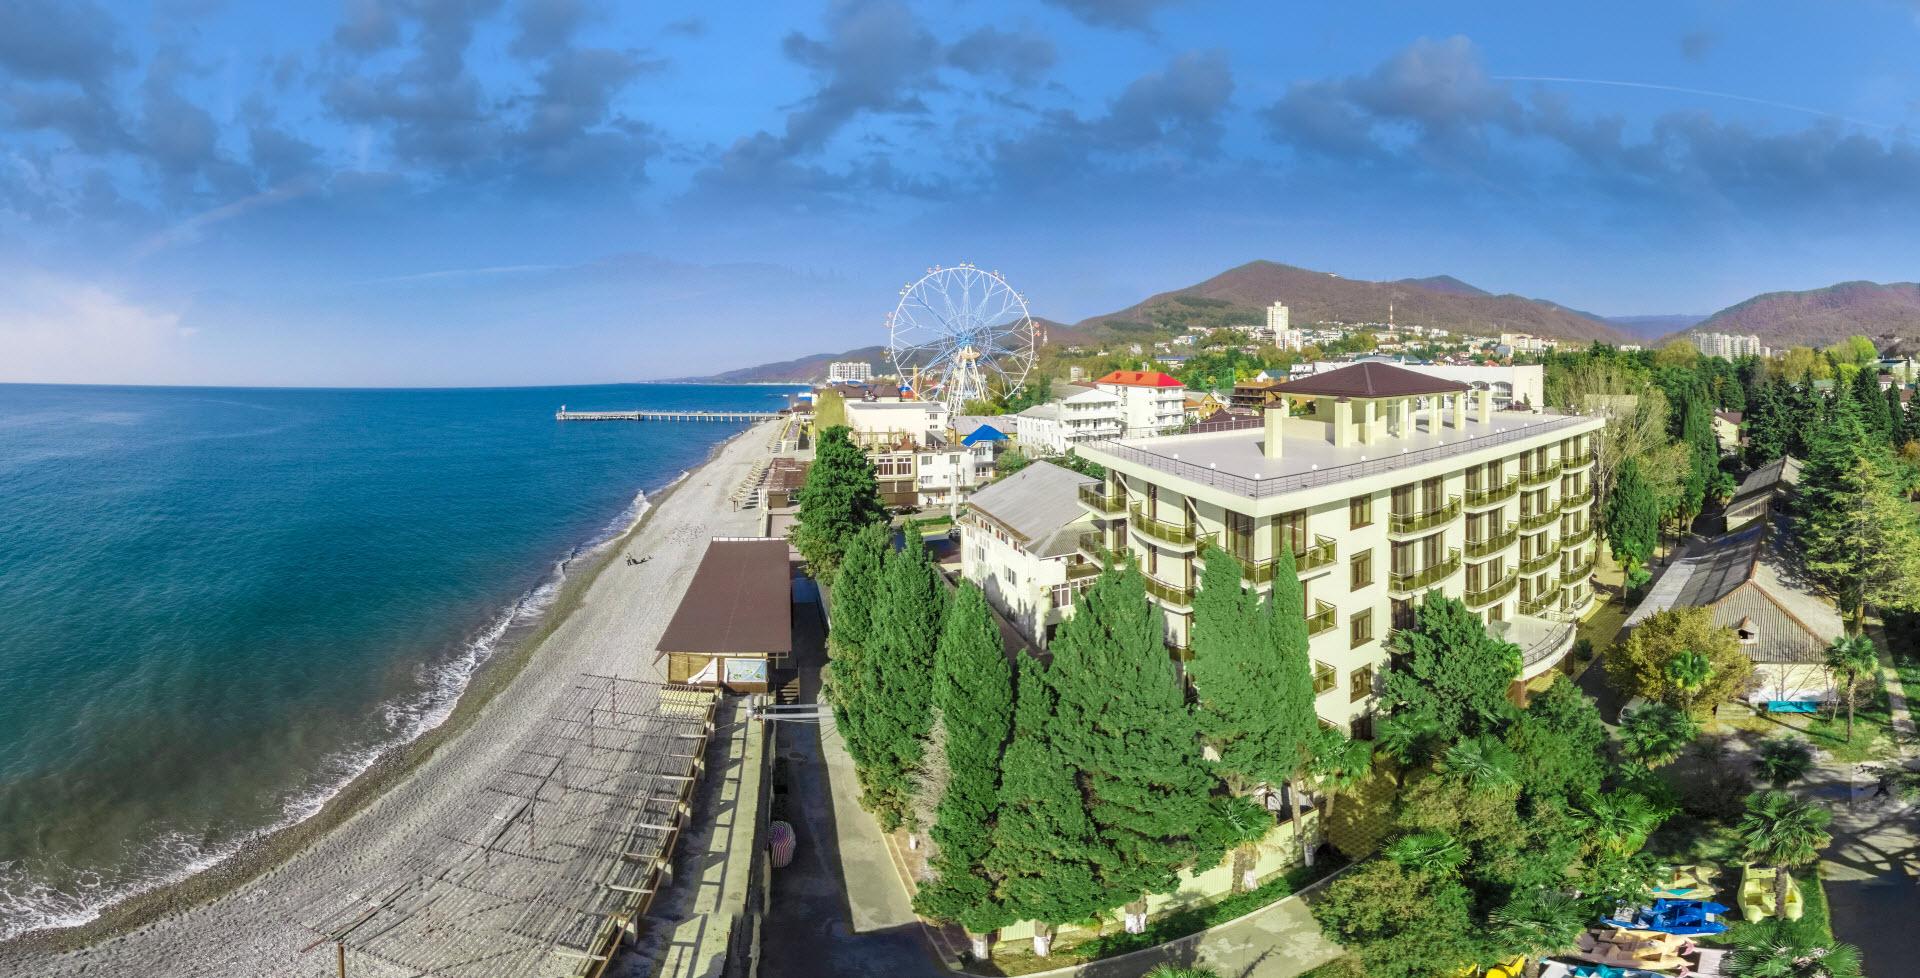 Фото отеля мовенпик в суссе источник